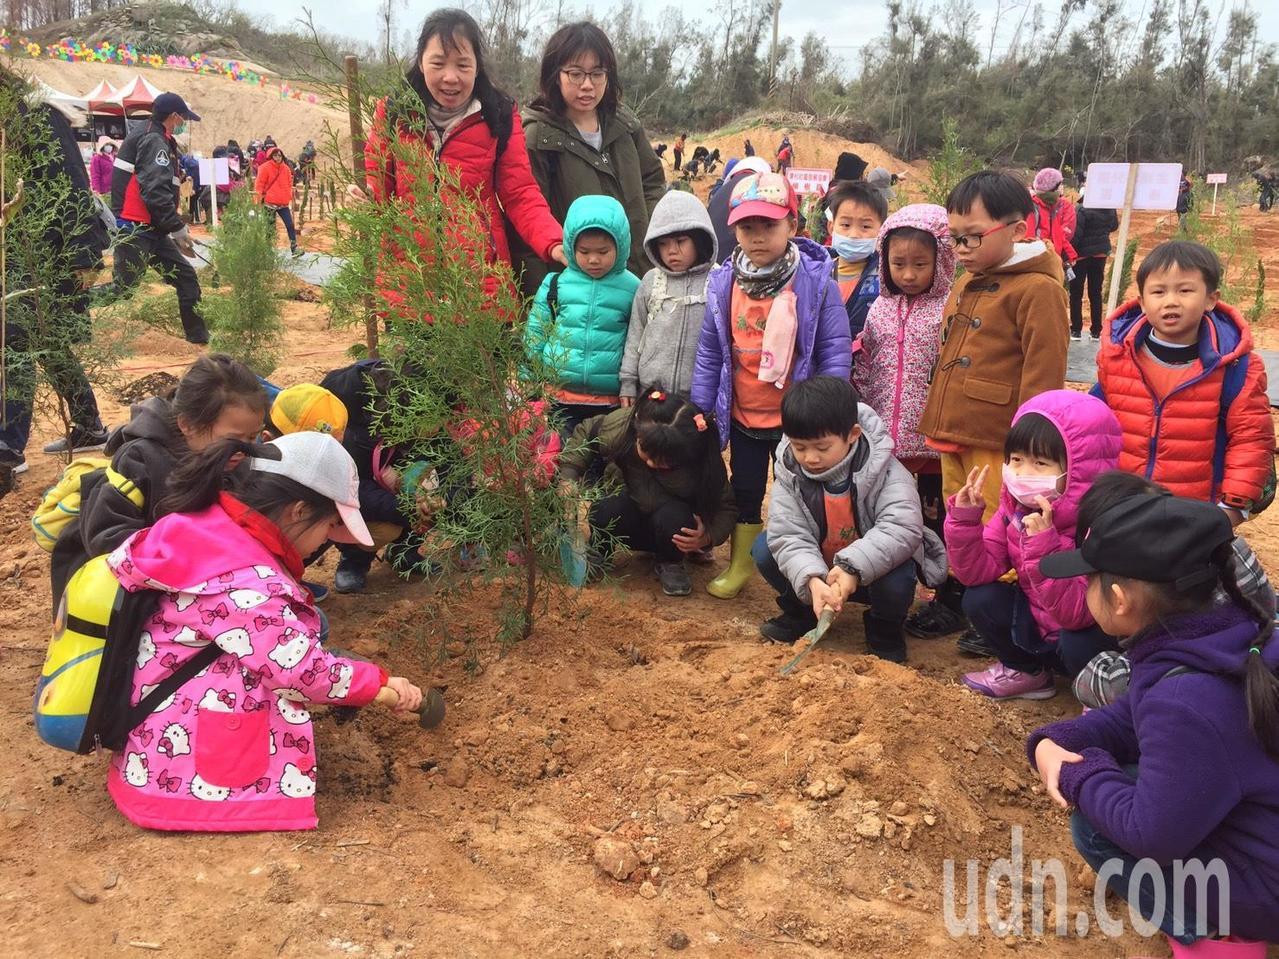 幼稚園的小朋友在師長的陪同下到場體驗植樹,小朋友直呼好好玩。記者蔡家蓁/攝影